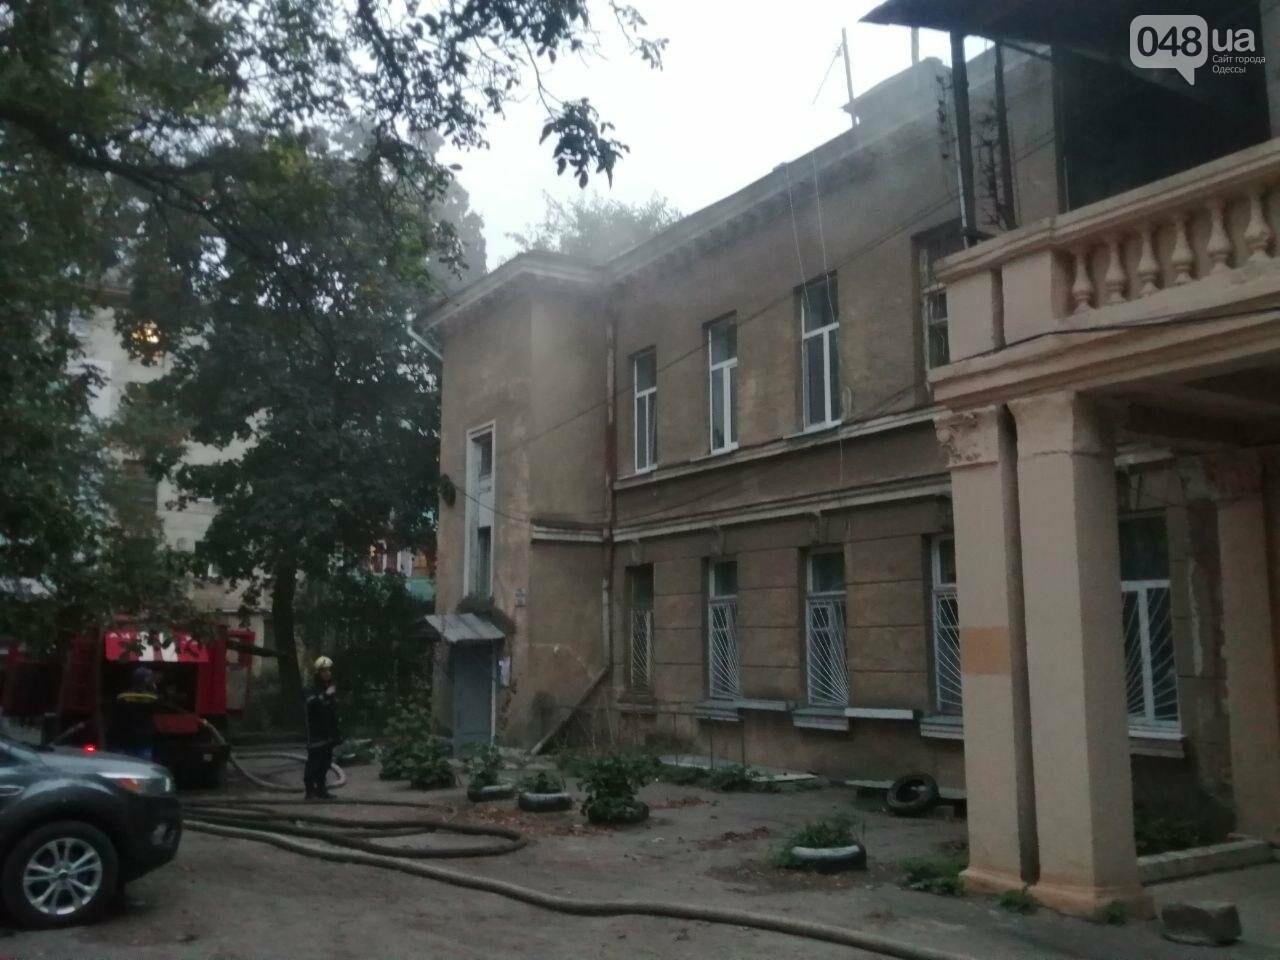 Пресс-служба ГСЧС в Одесской области., Пожар в общежитии Одесской киностудии.1